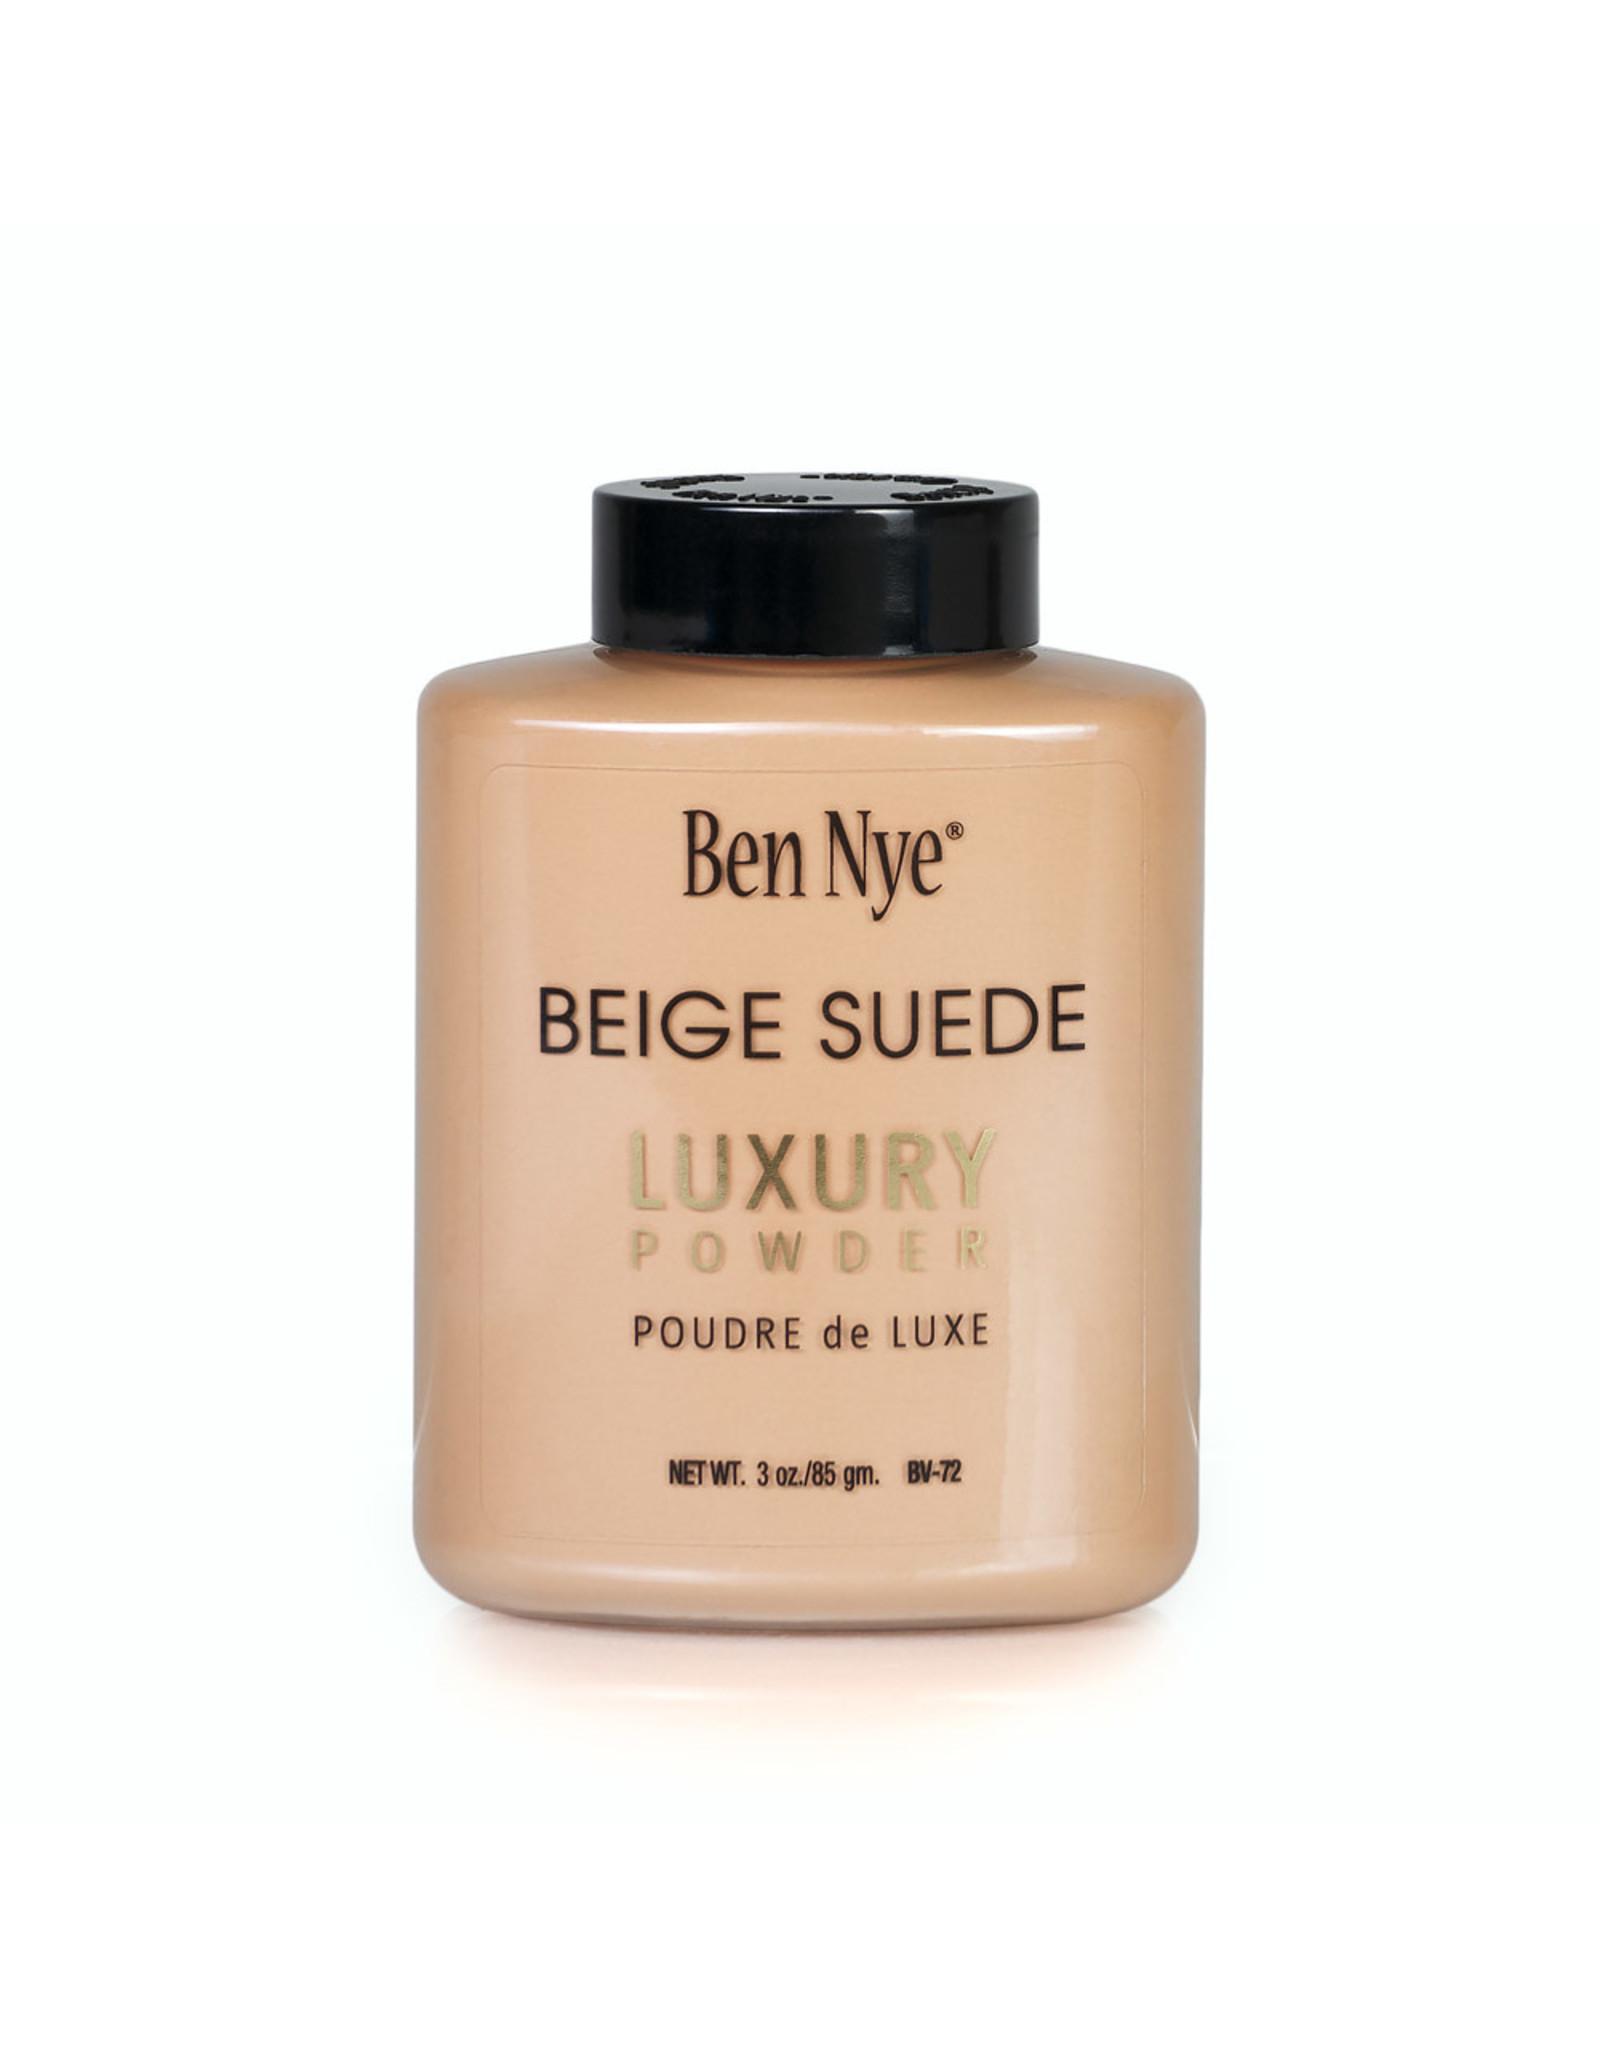 Ben Nye Ben Nye Beige Suede Luxury Powder